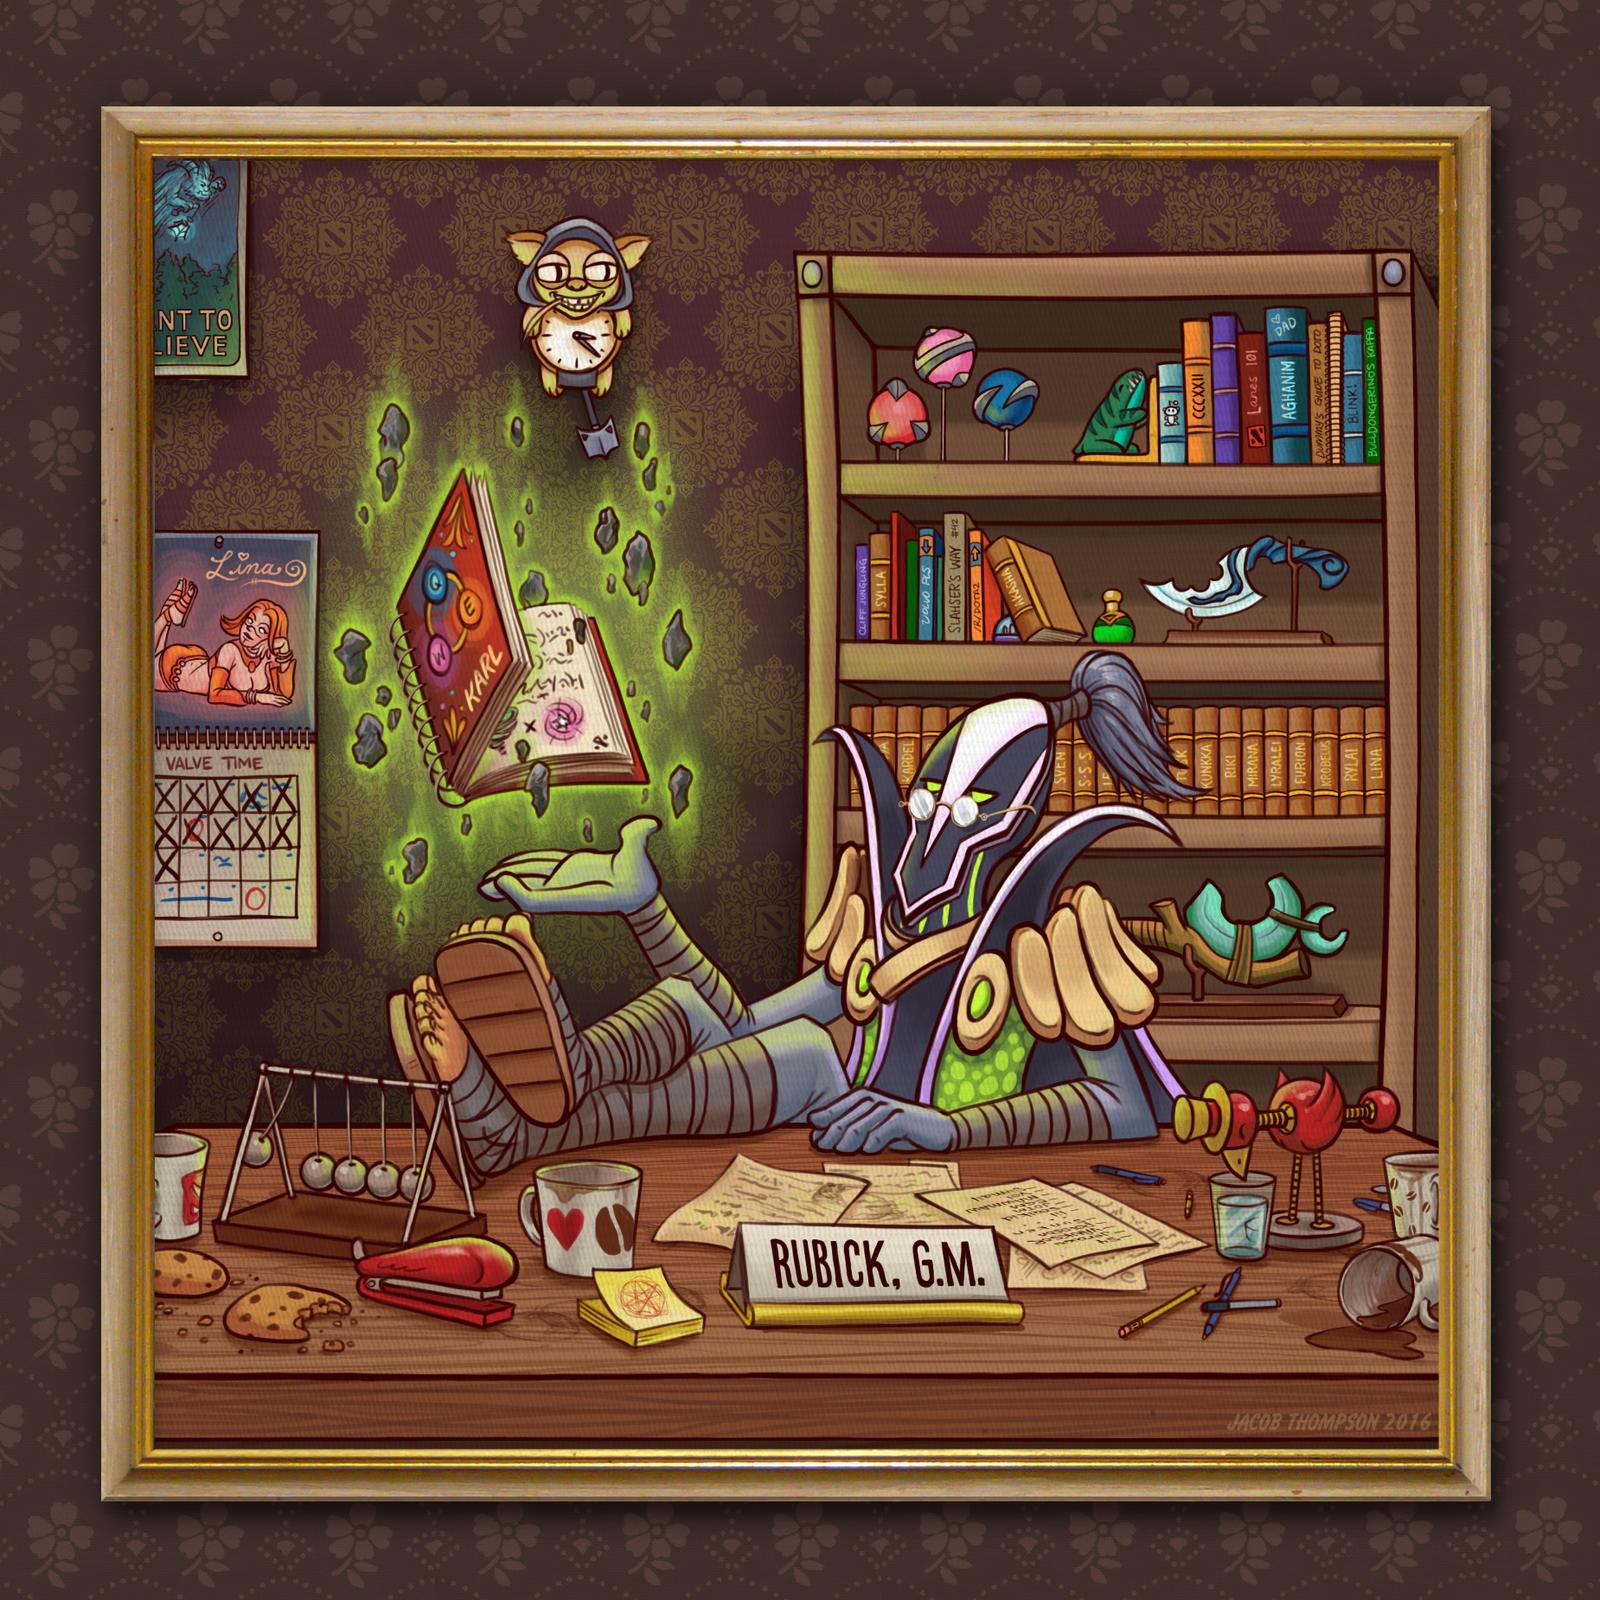 Rubick's Study by fenix42